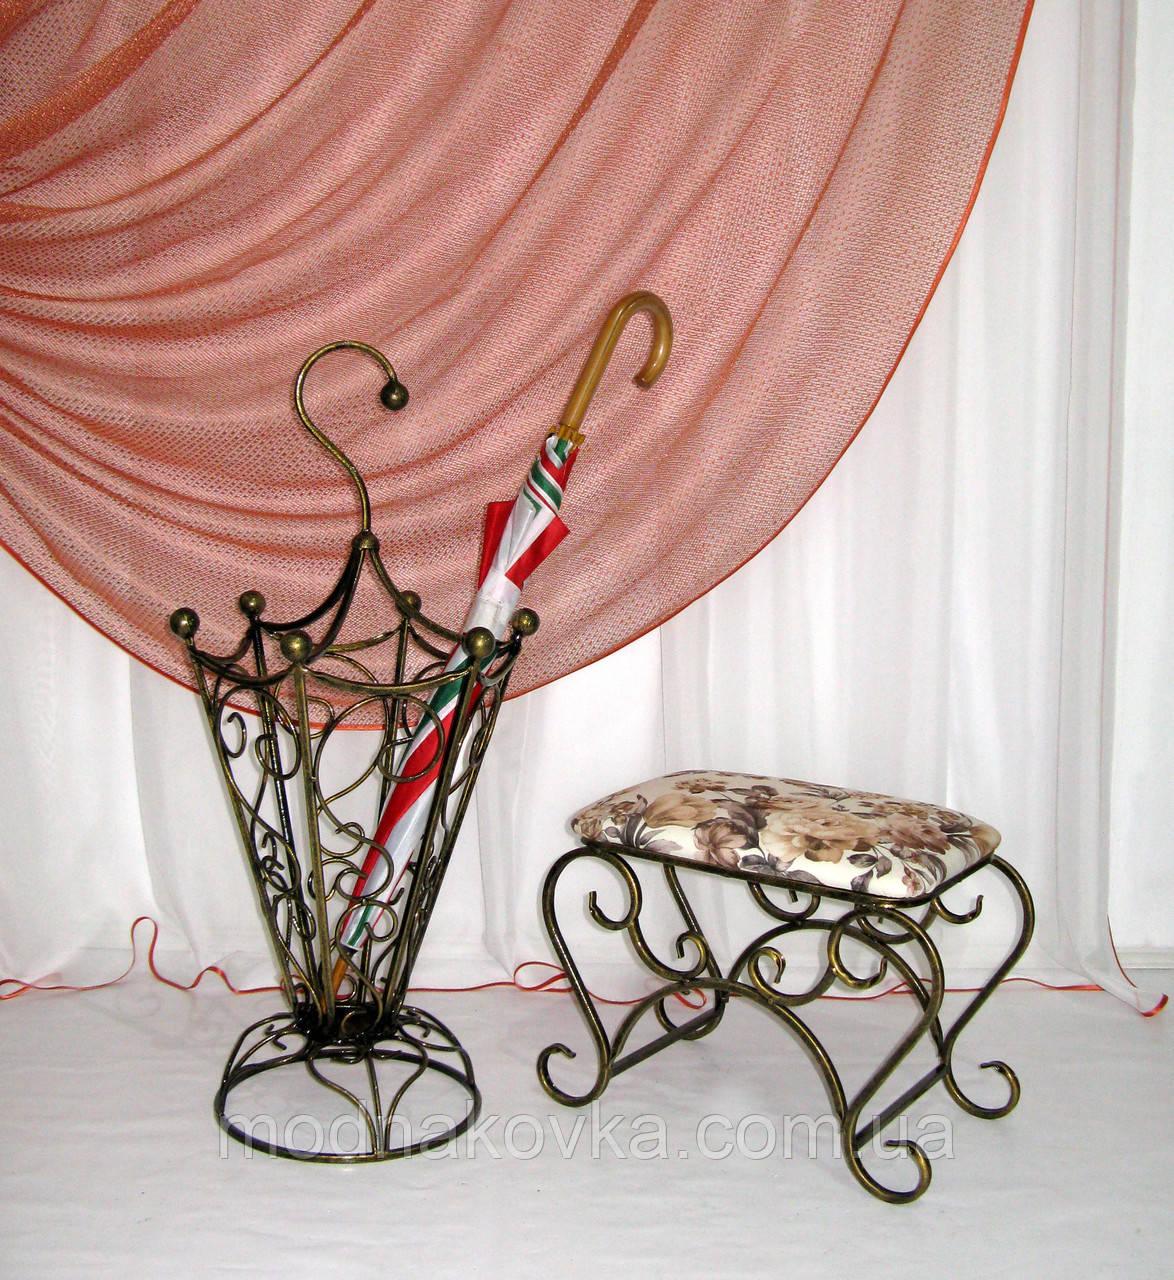 Зонтовница 4. Кованая подставка под зонты